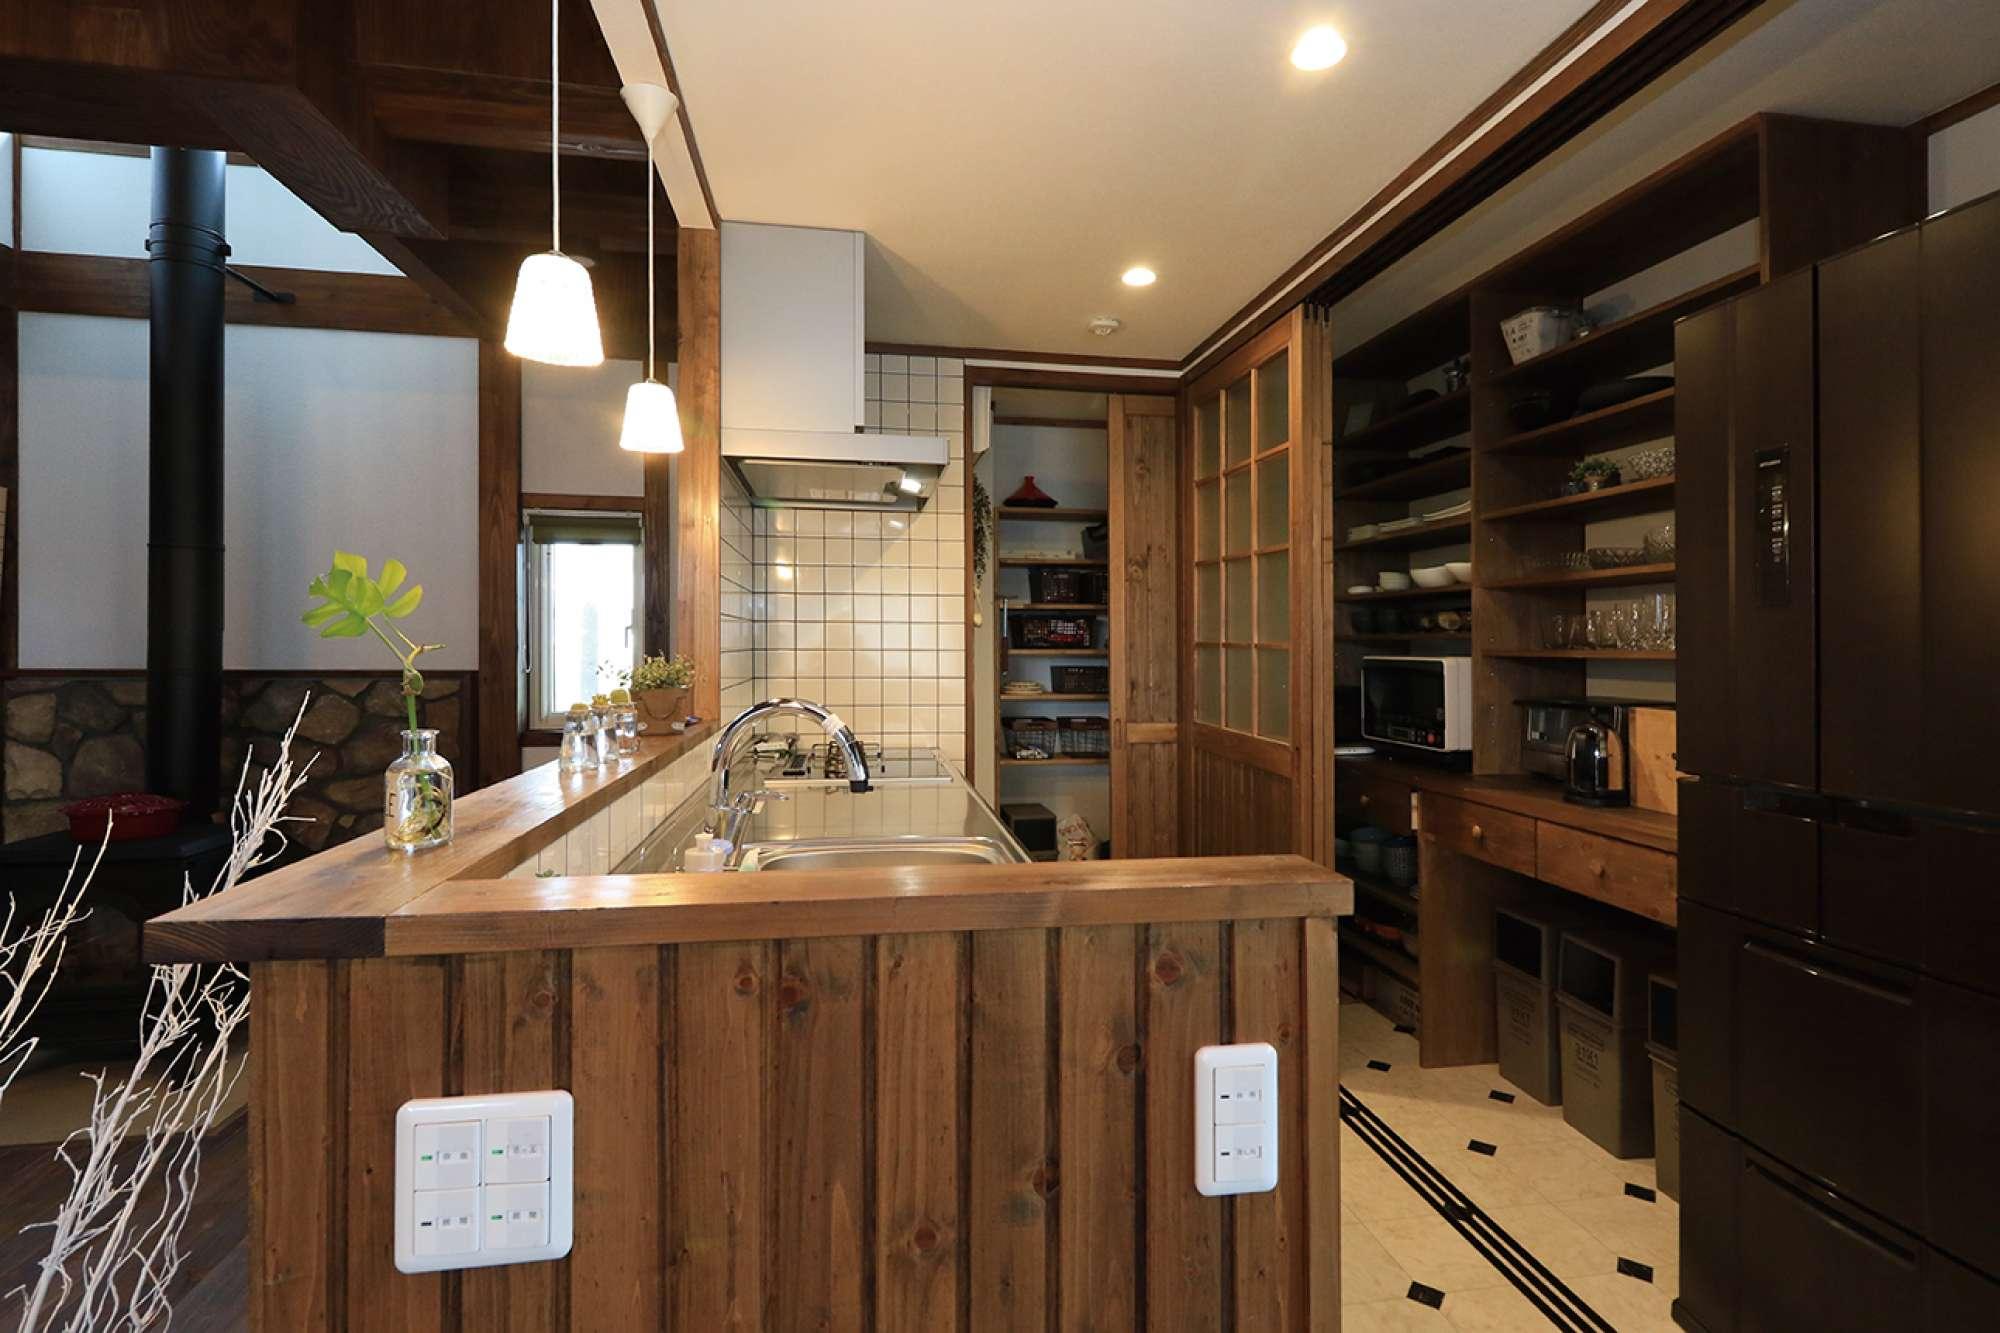 キッチンの後方に造作の食器棚とパントリーを配置 -  -  -